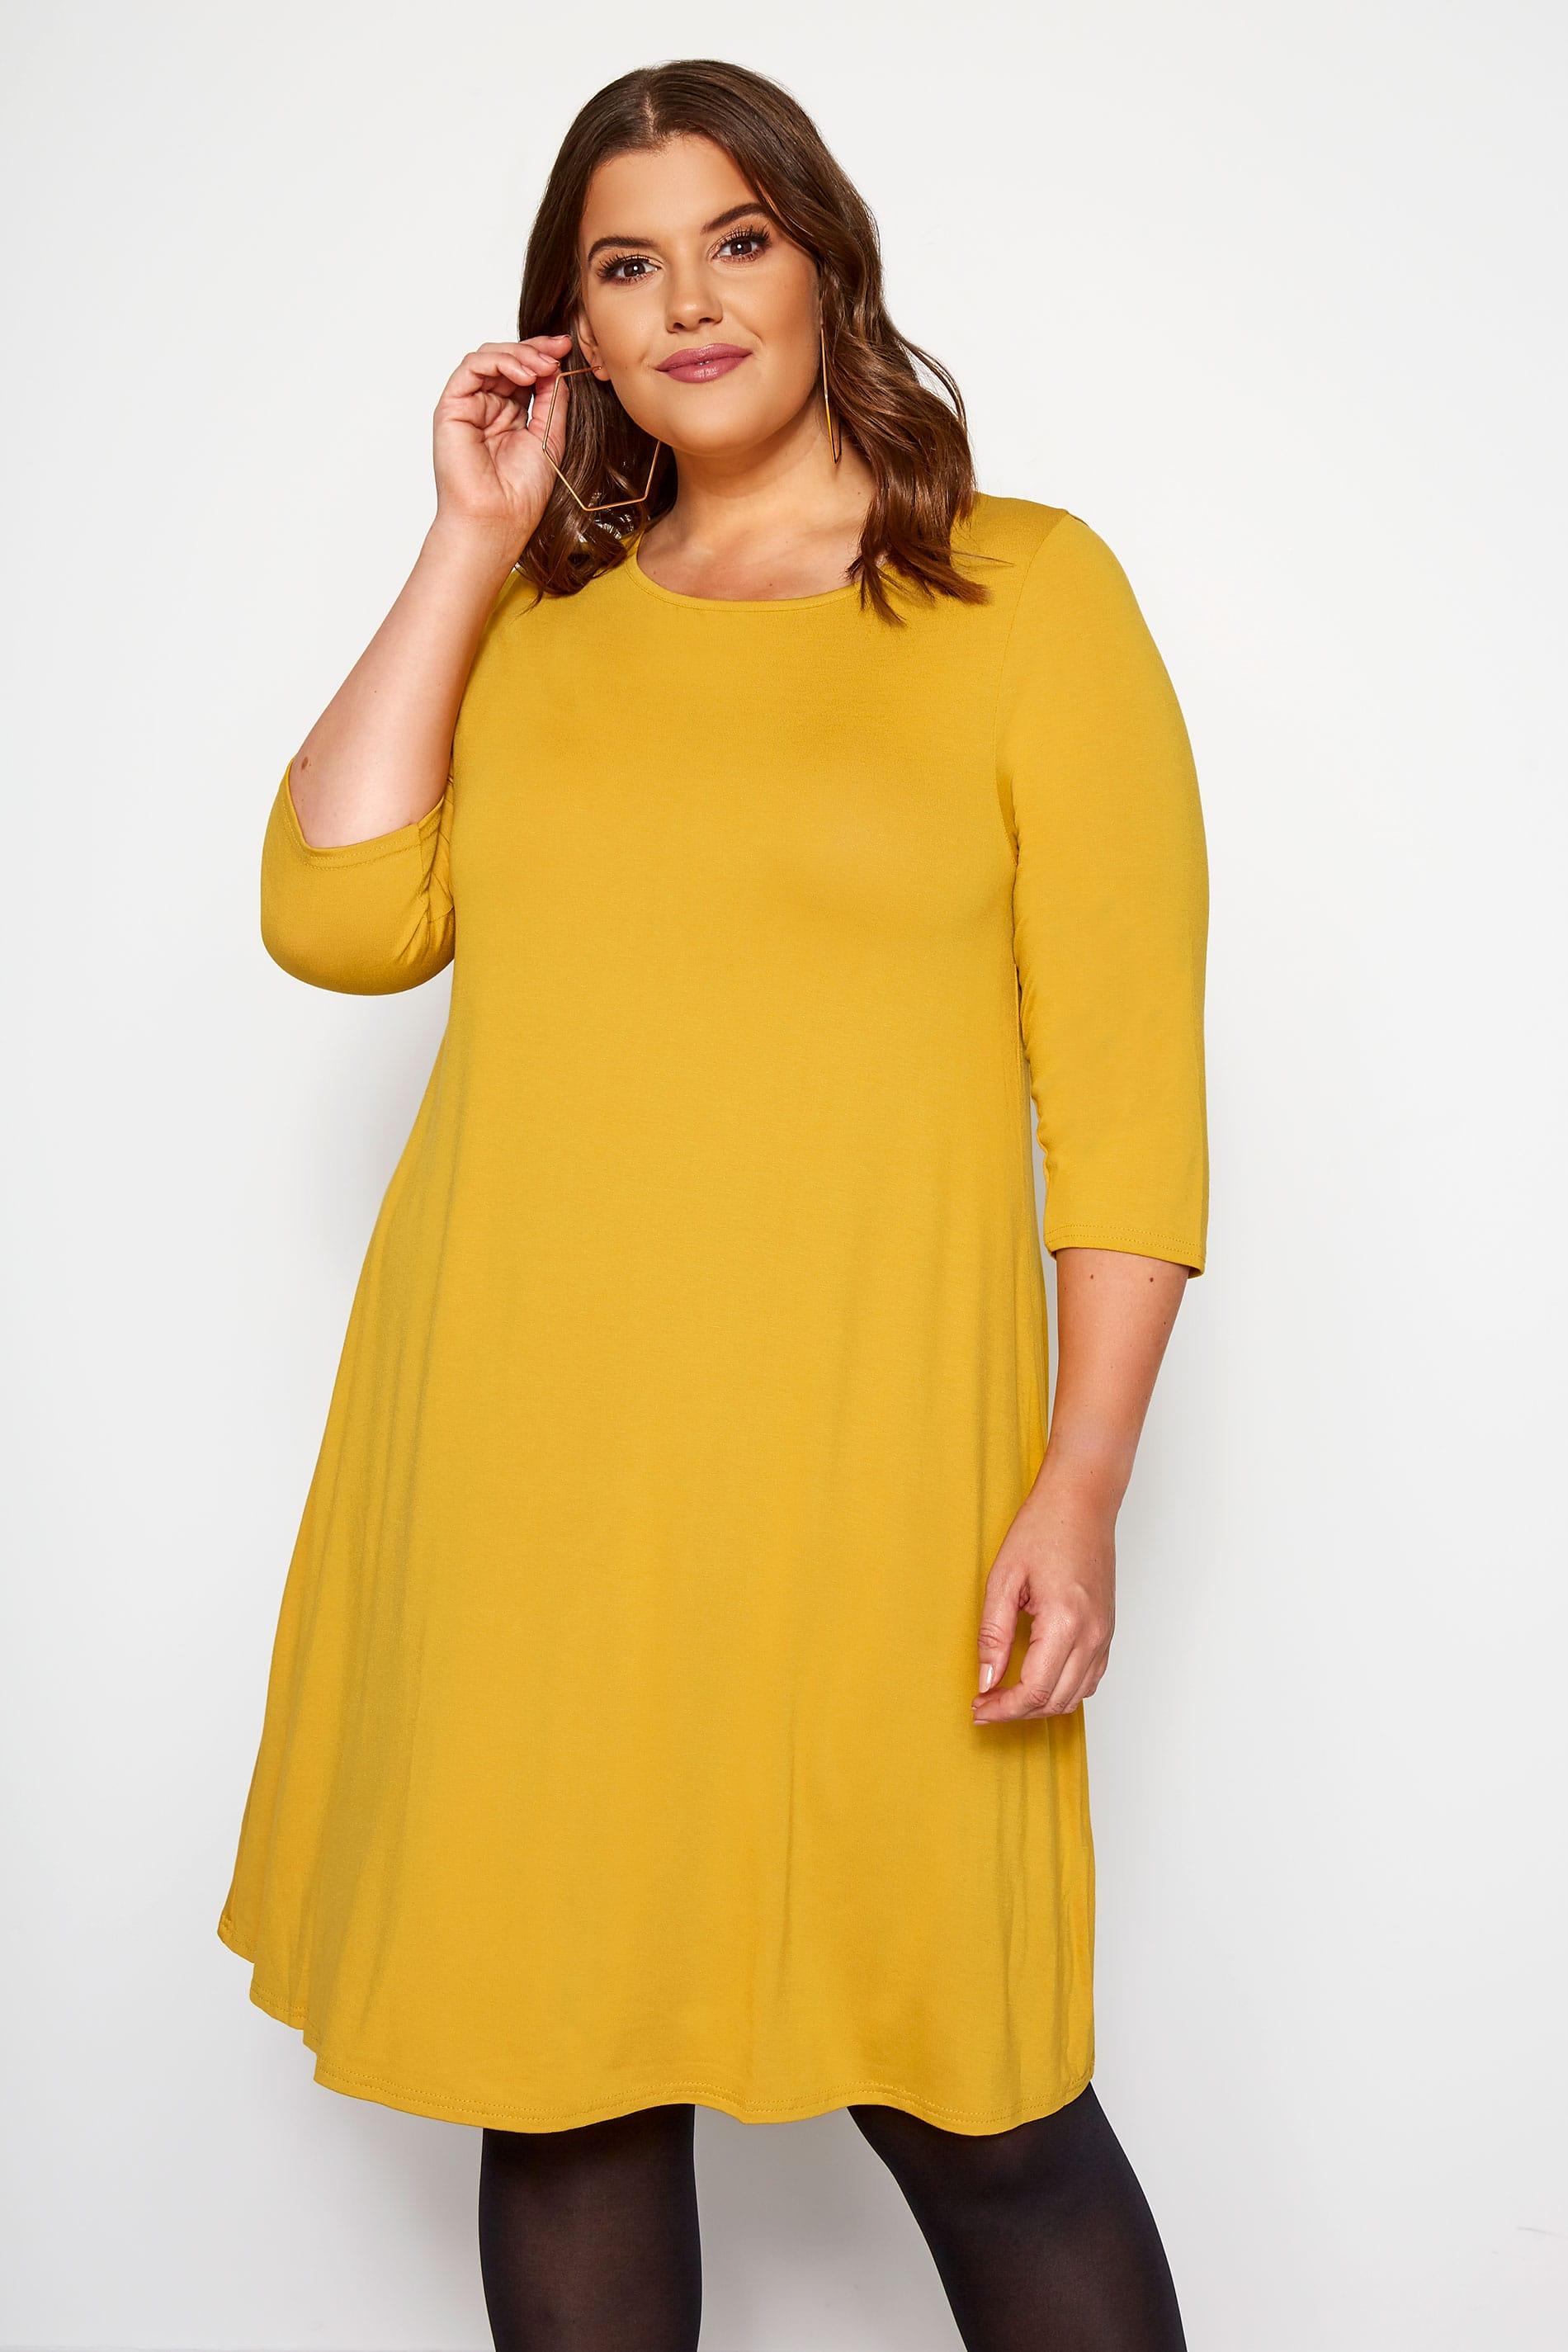 Mustard Swing Dress